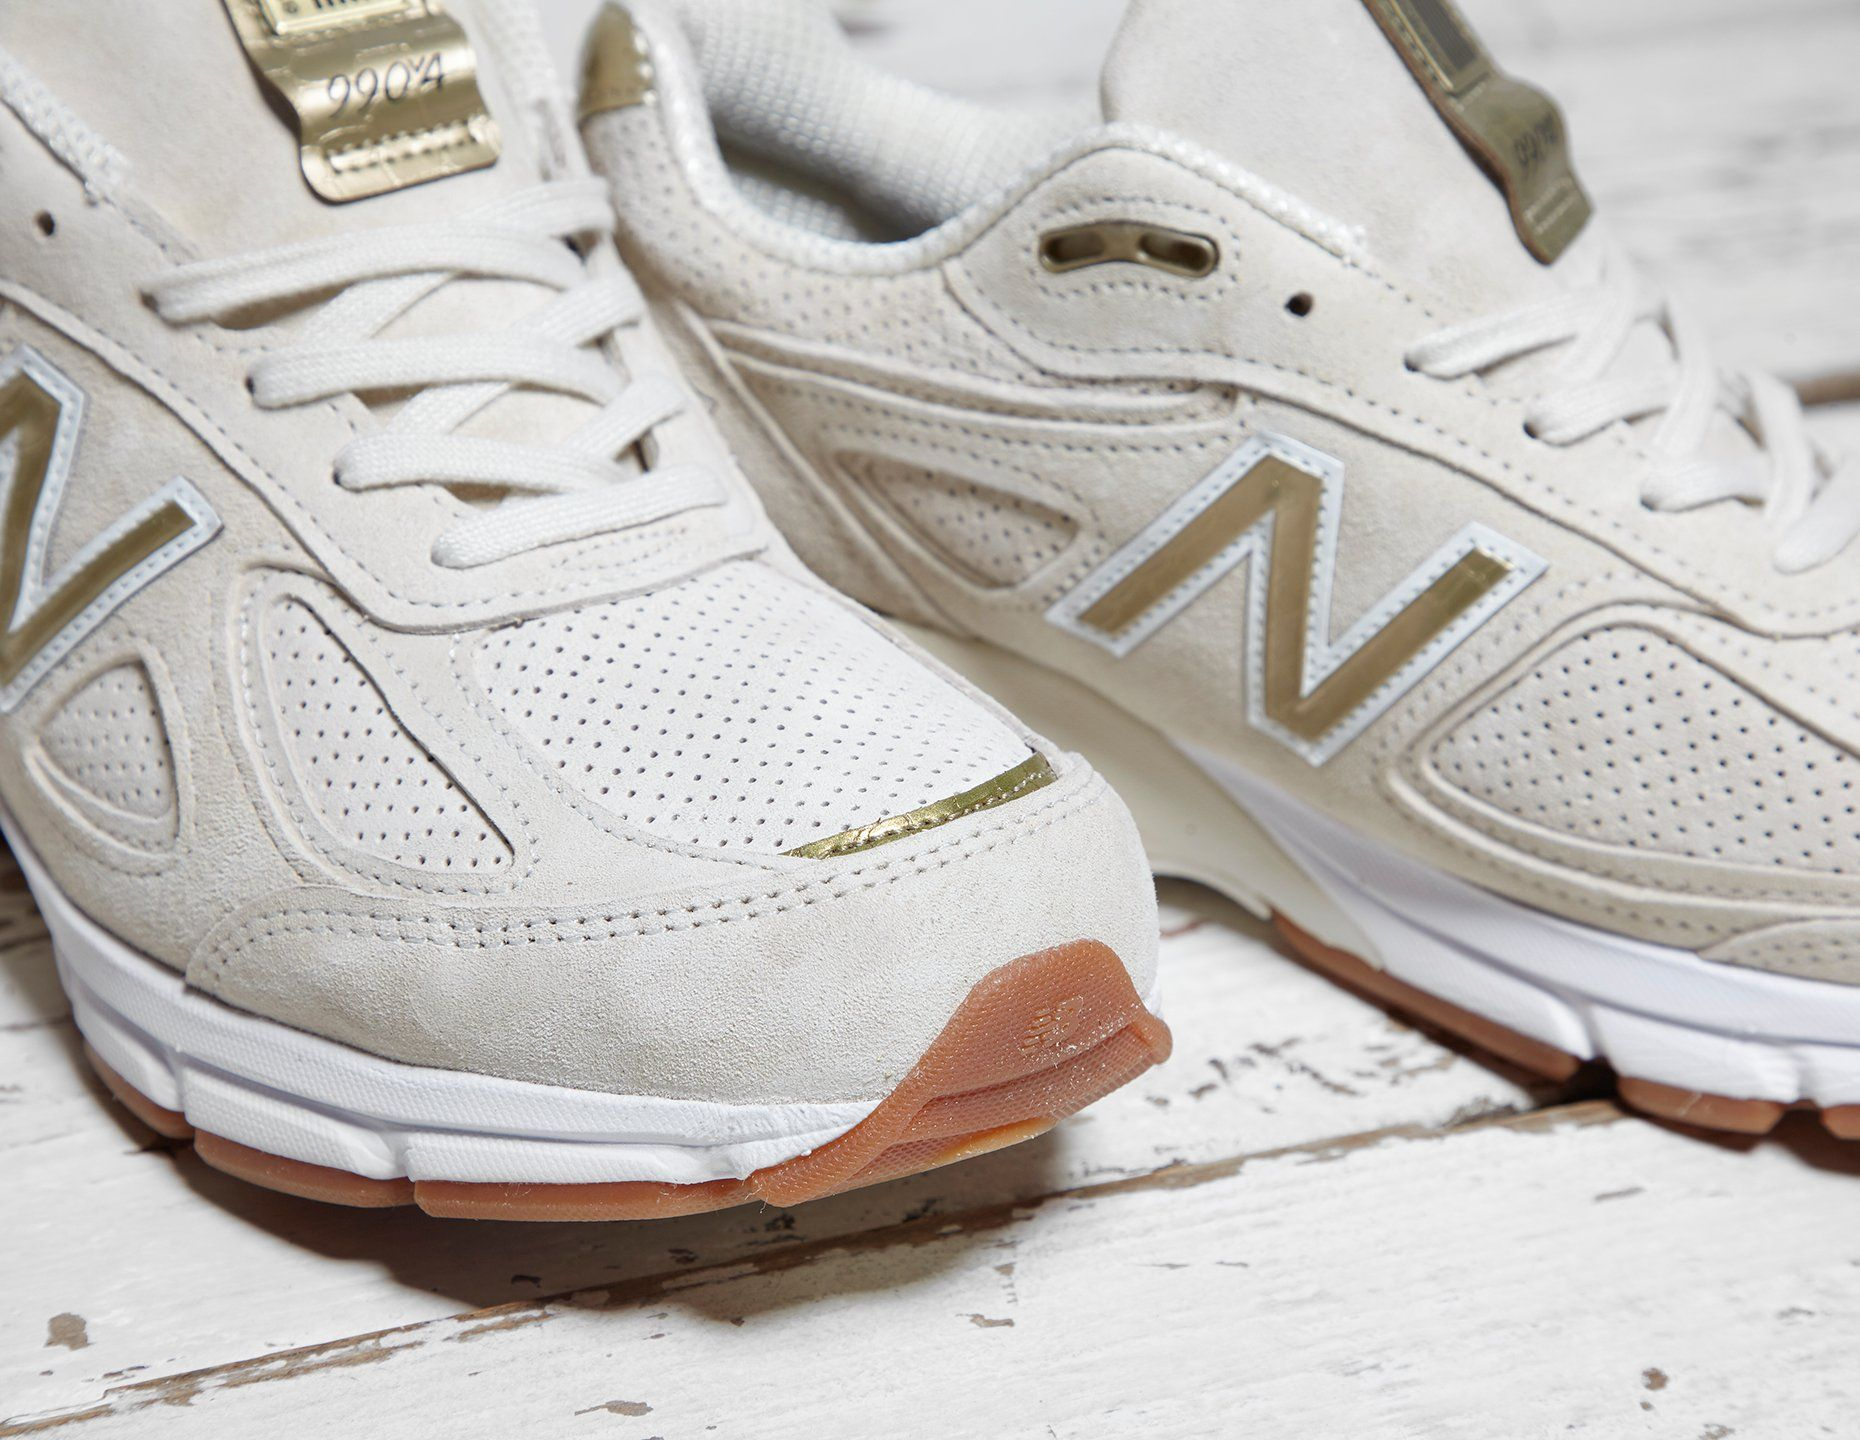 New Balance 990 - Made in USA